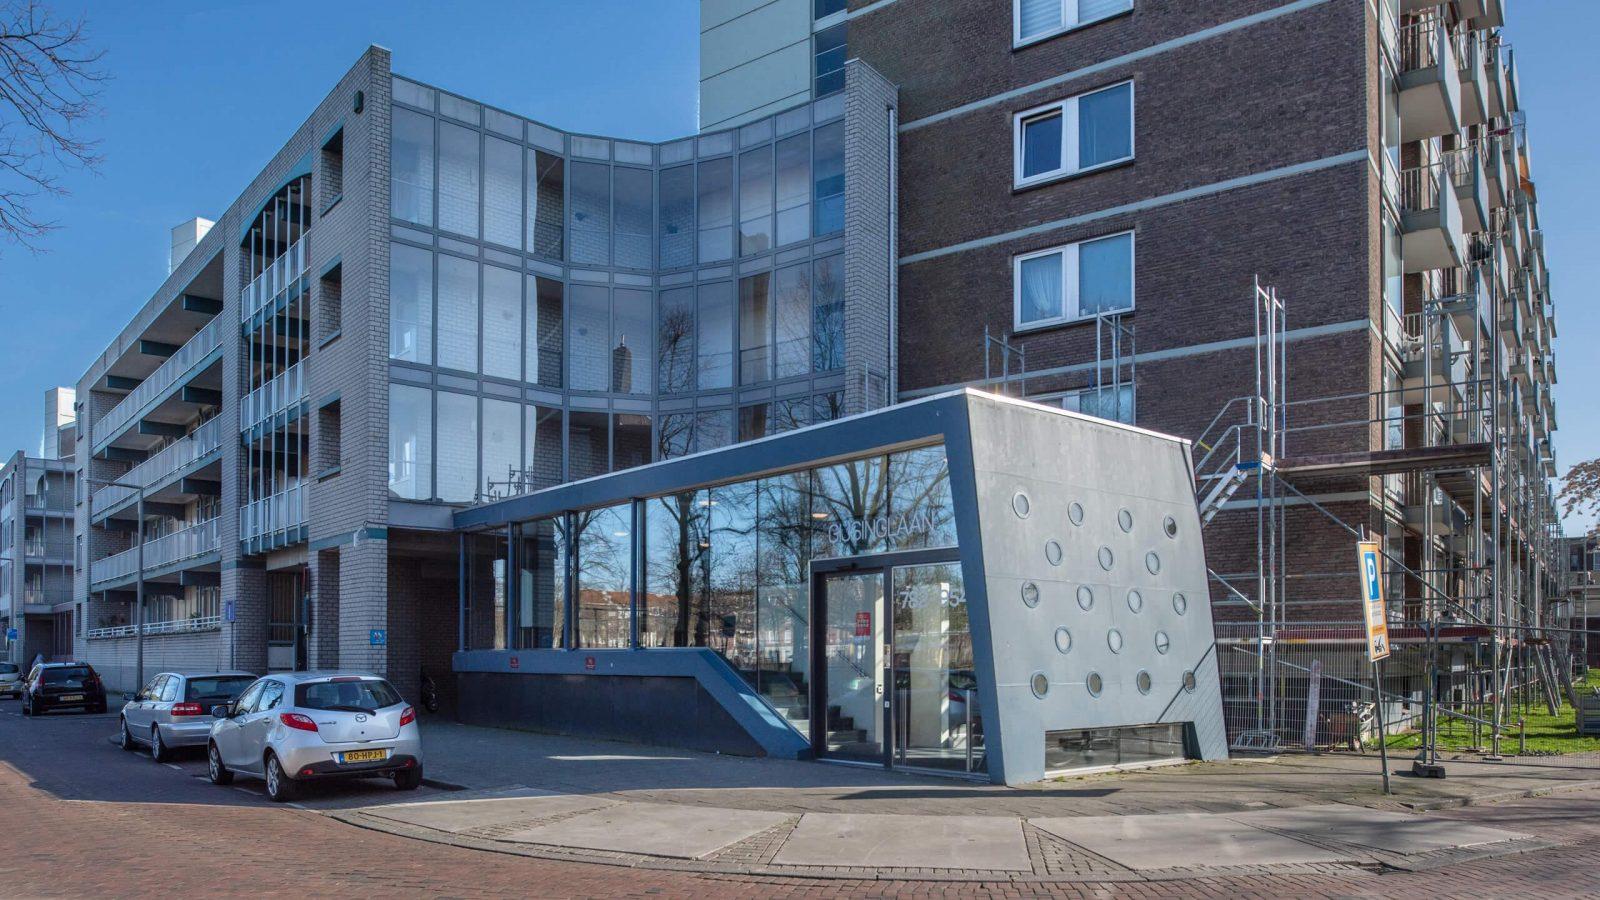 2021 Marlies Lageweg SPWR gijsinglaan7